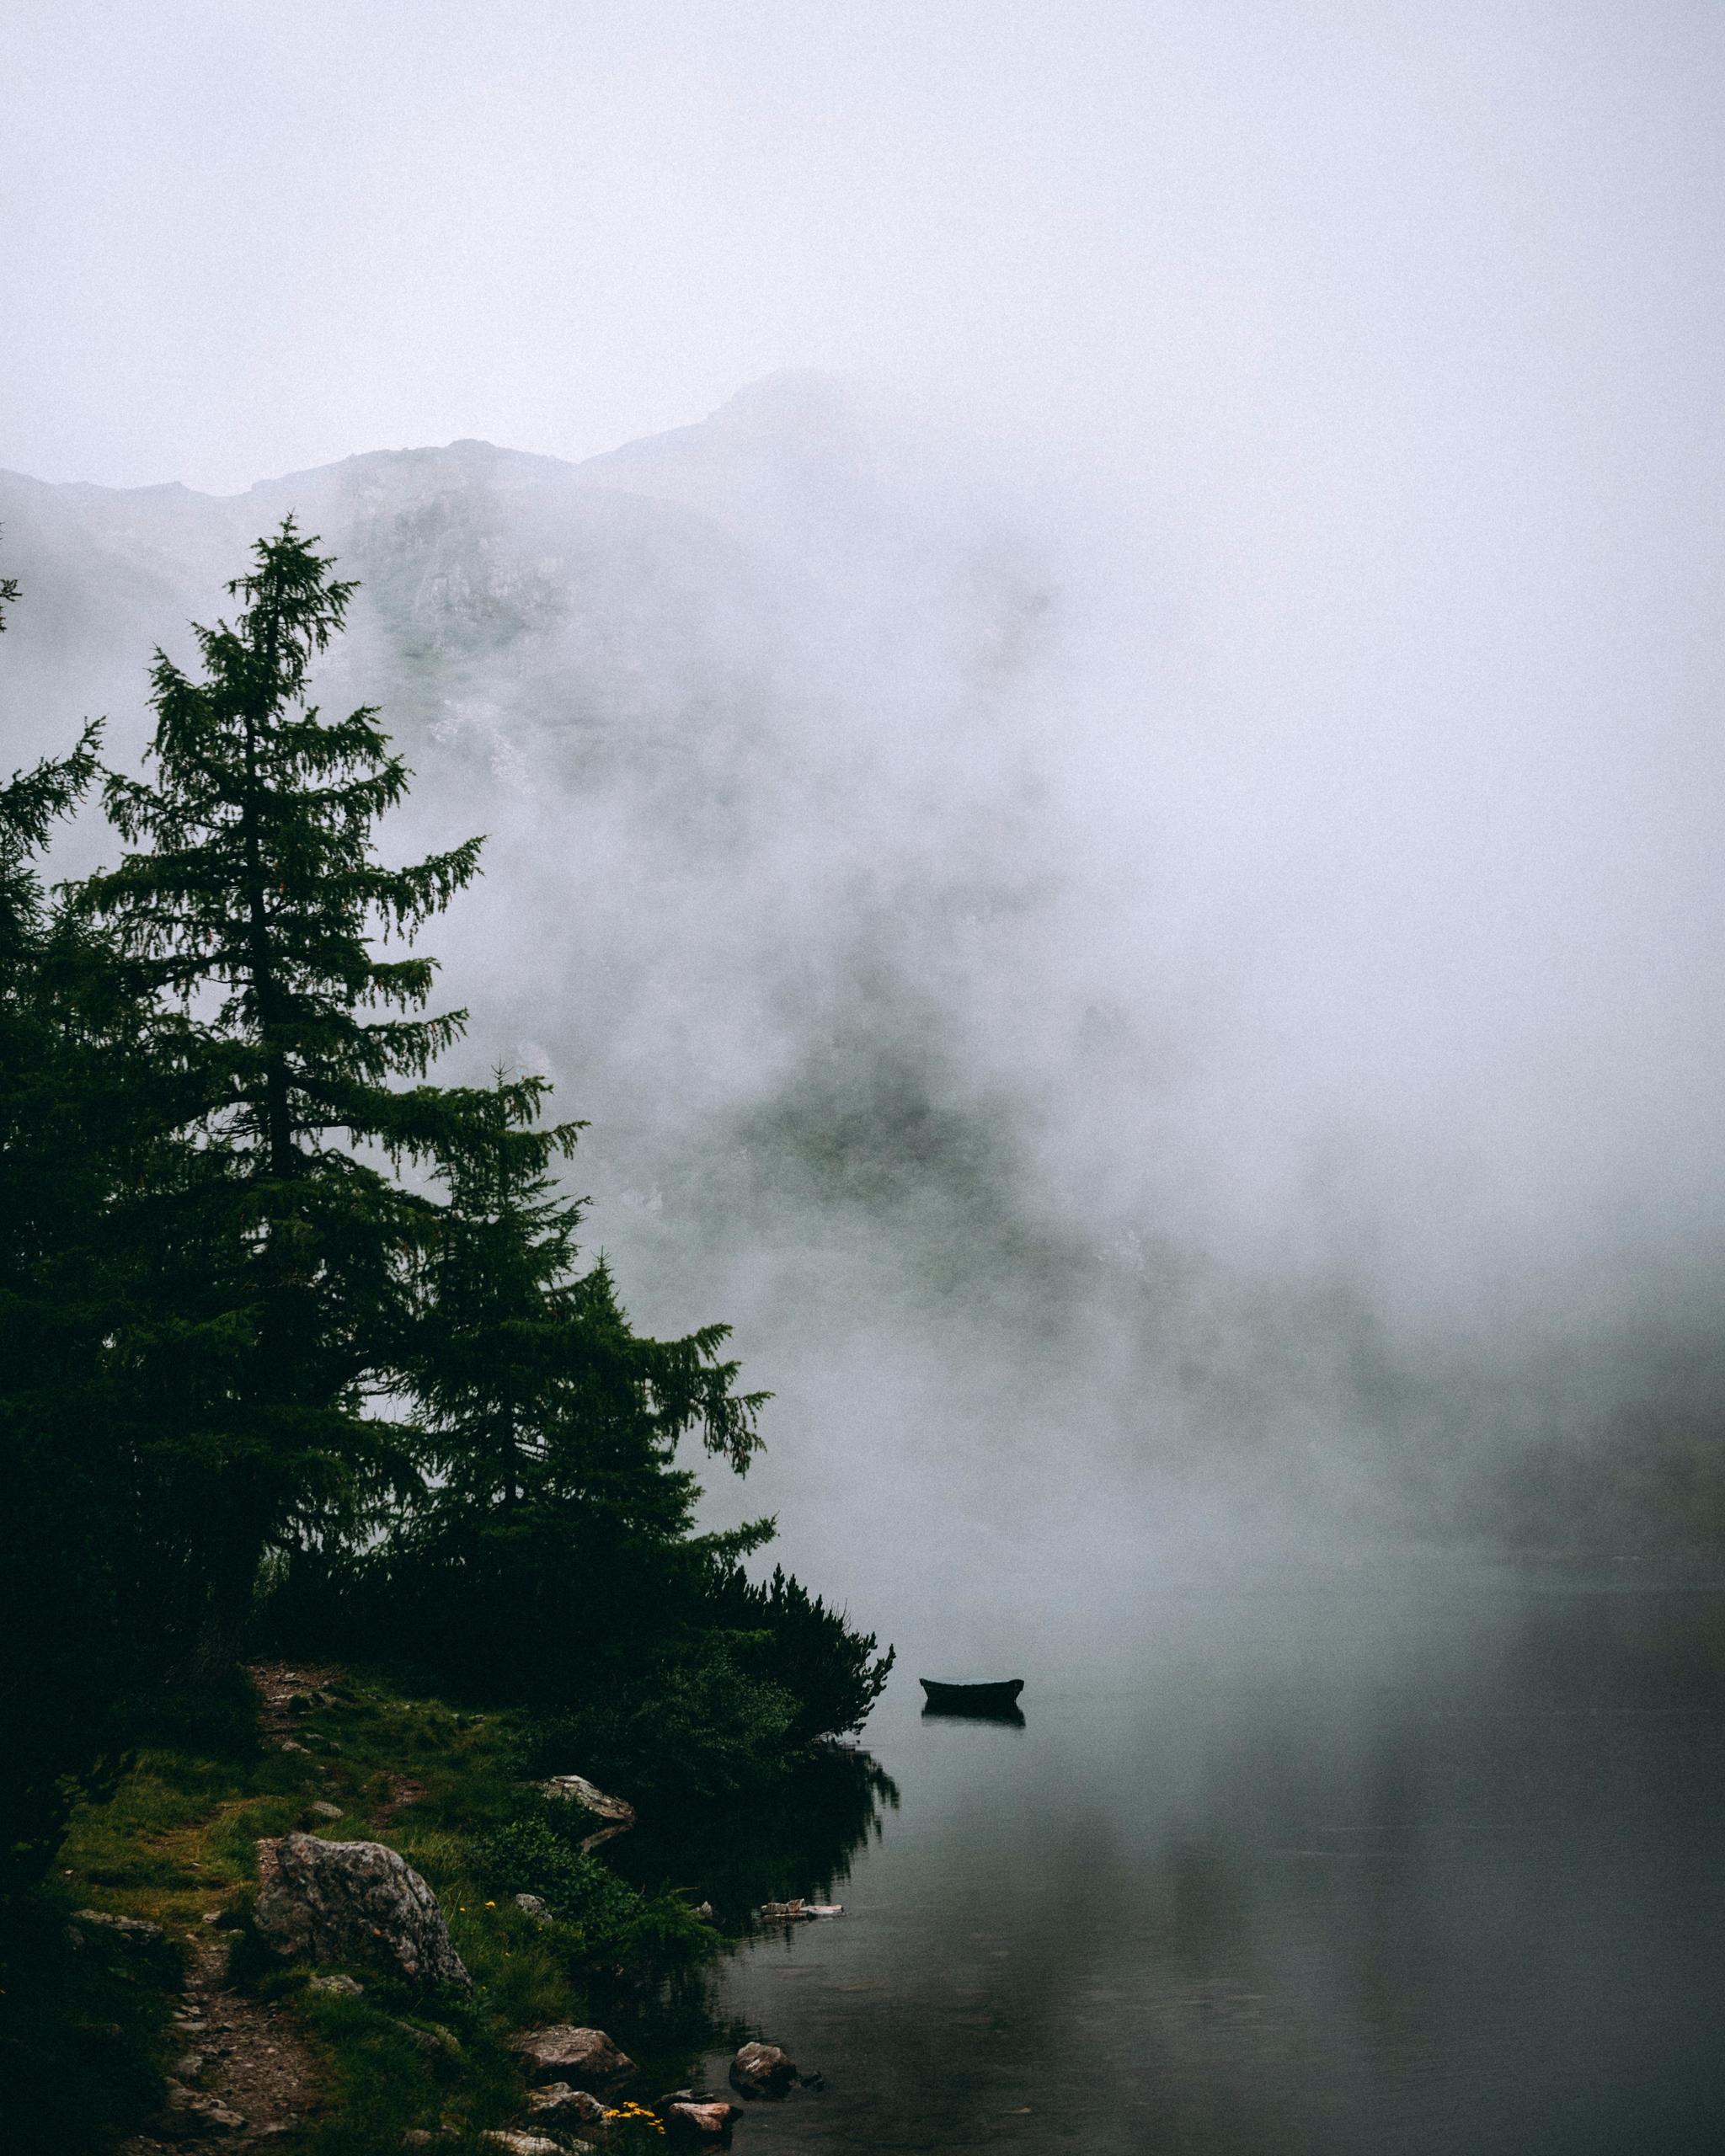 silence. Großer Scheiblsee, Aus - lavisuals | ello